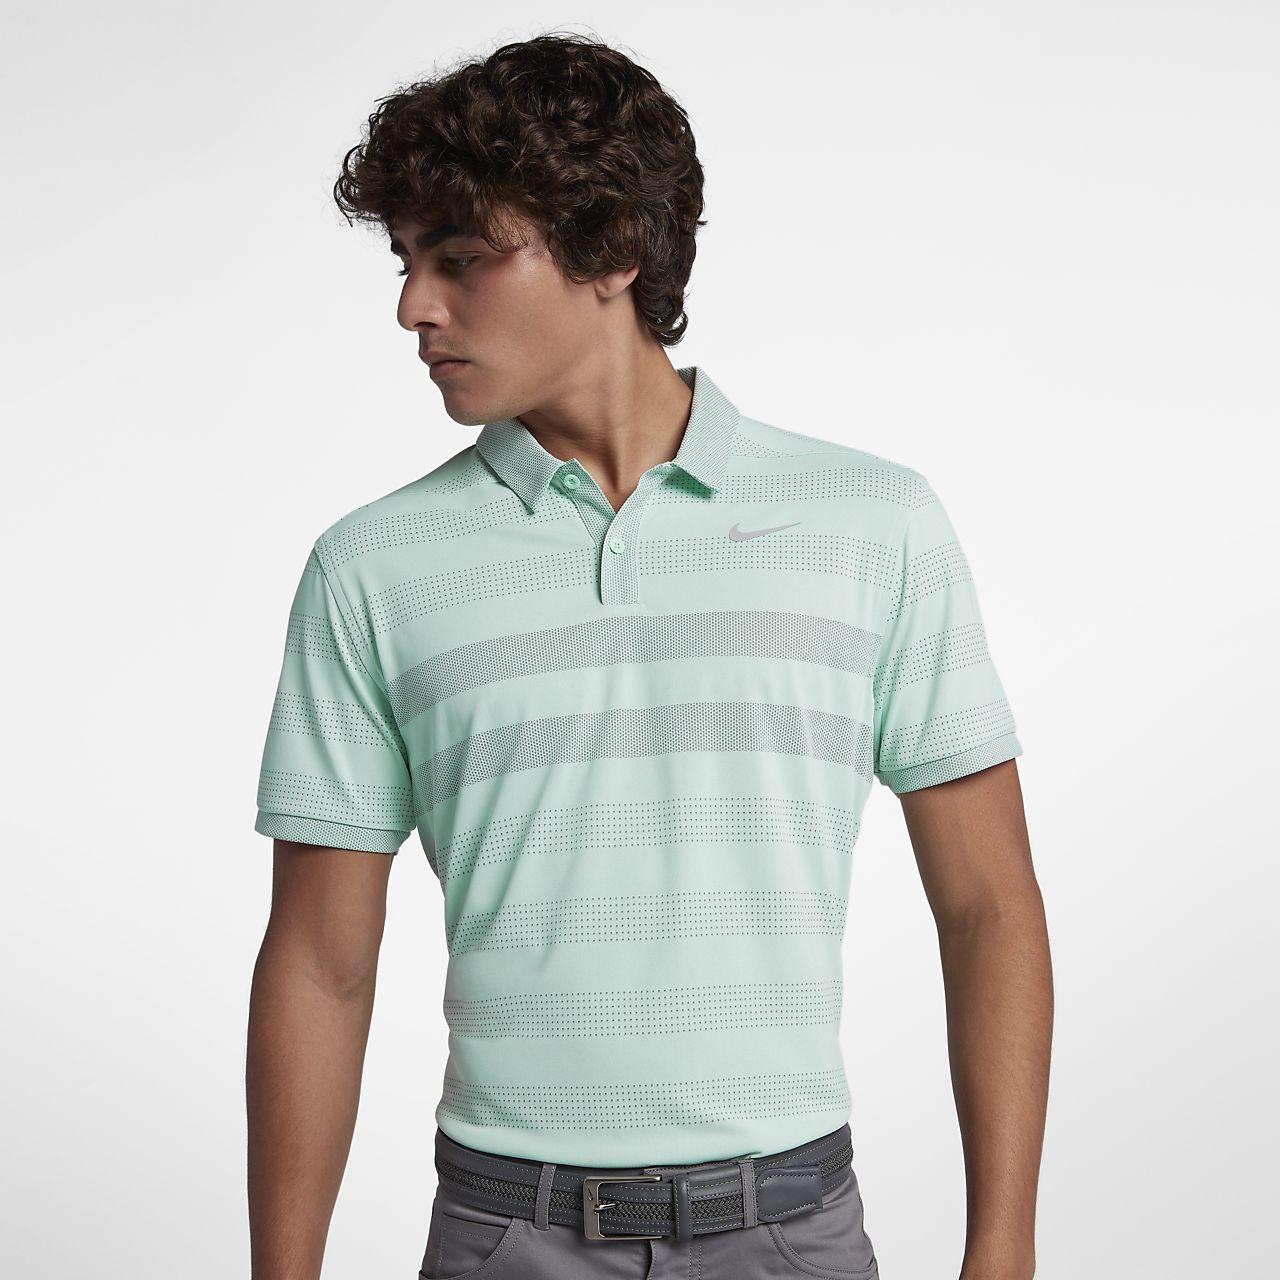 Мужская рубашка-поло для гольфа в полоску Nike Zonal Cooling